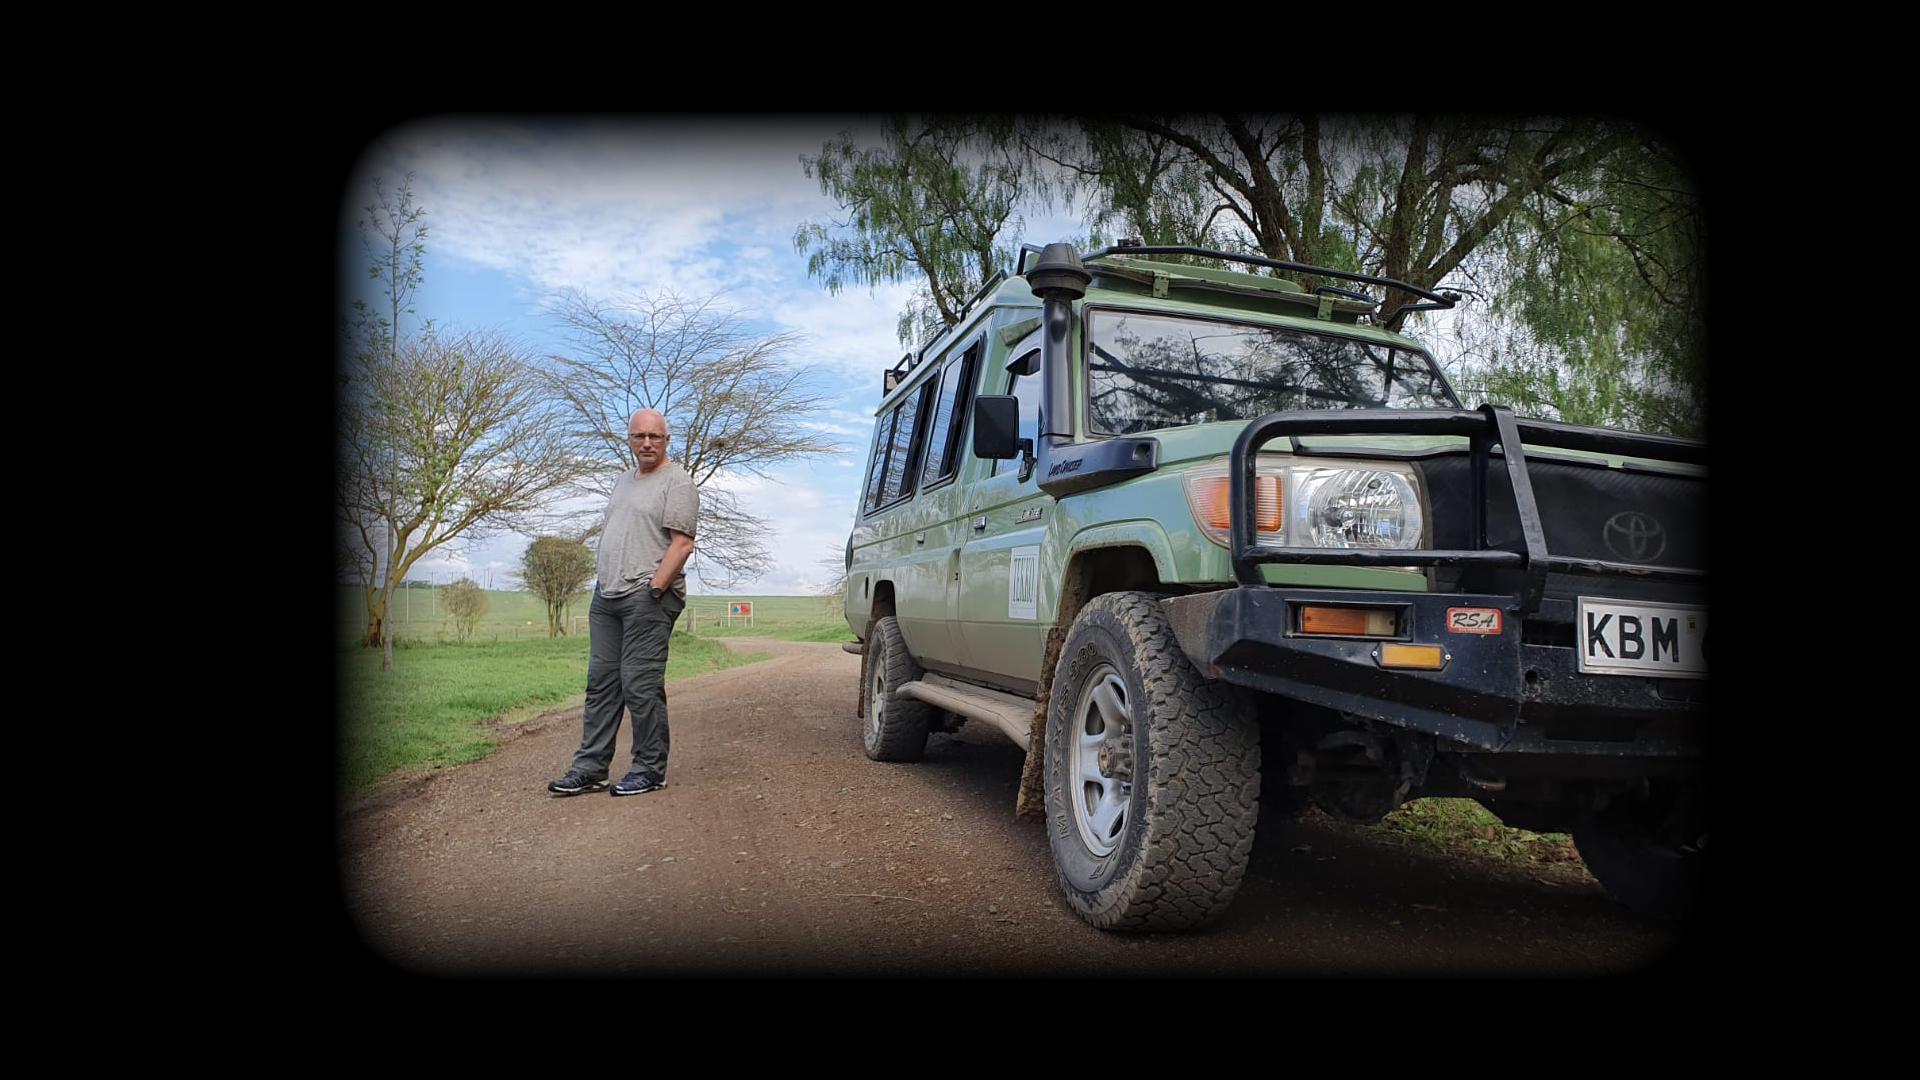 Me in Kenya